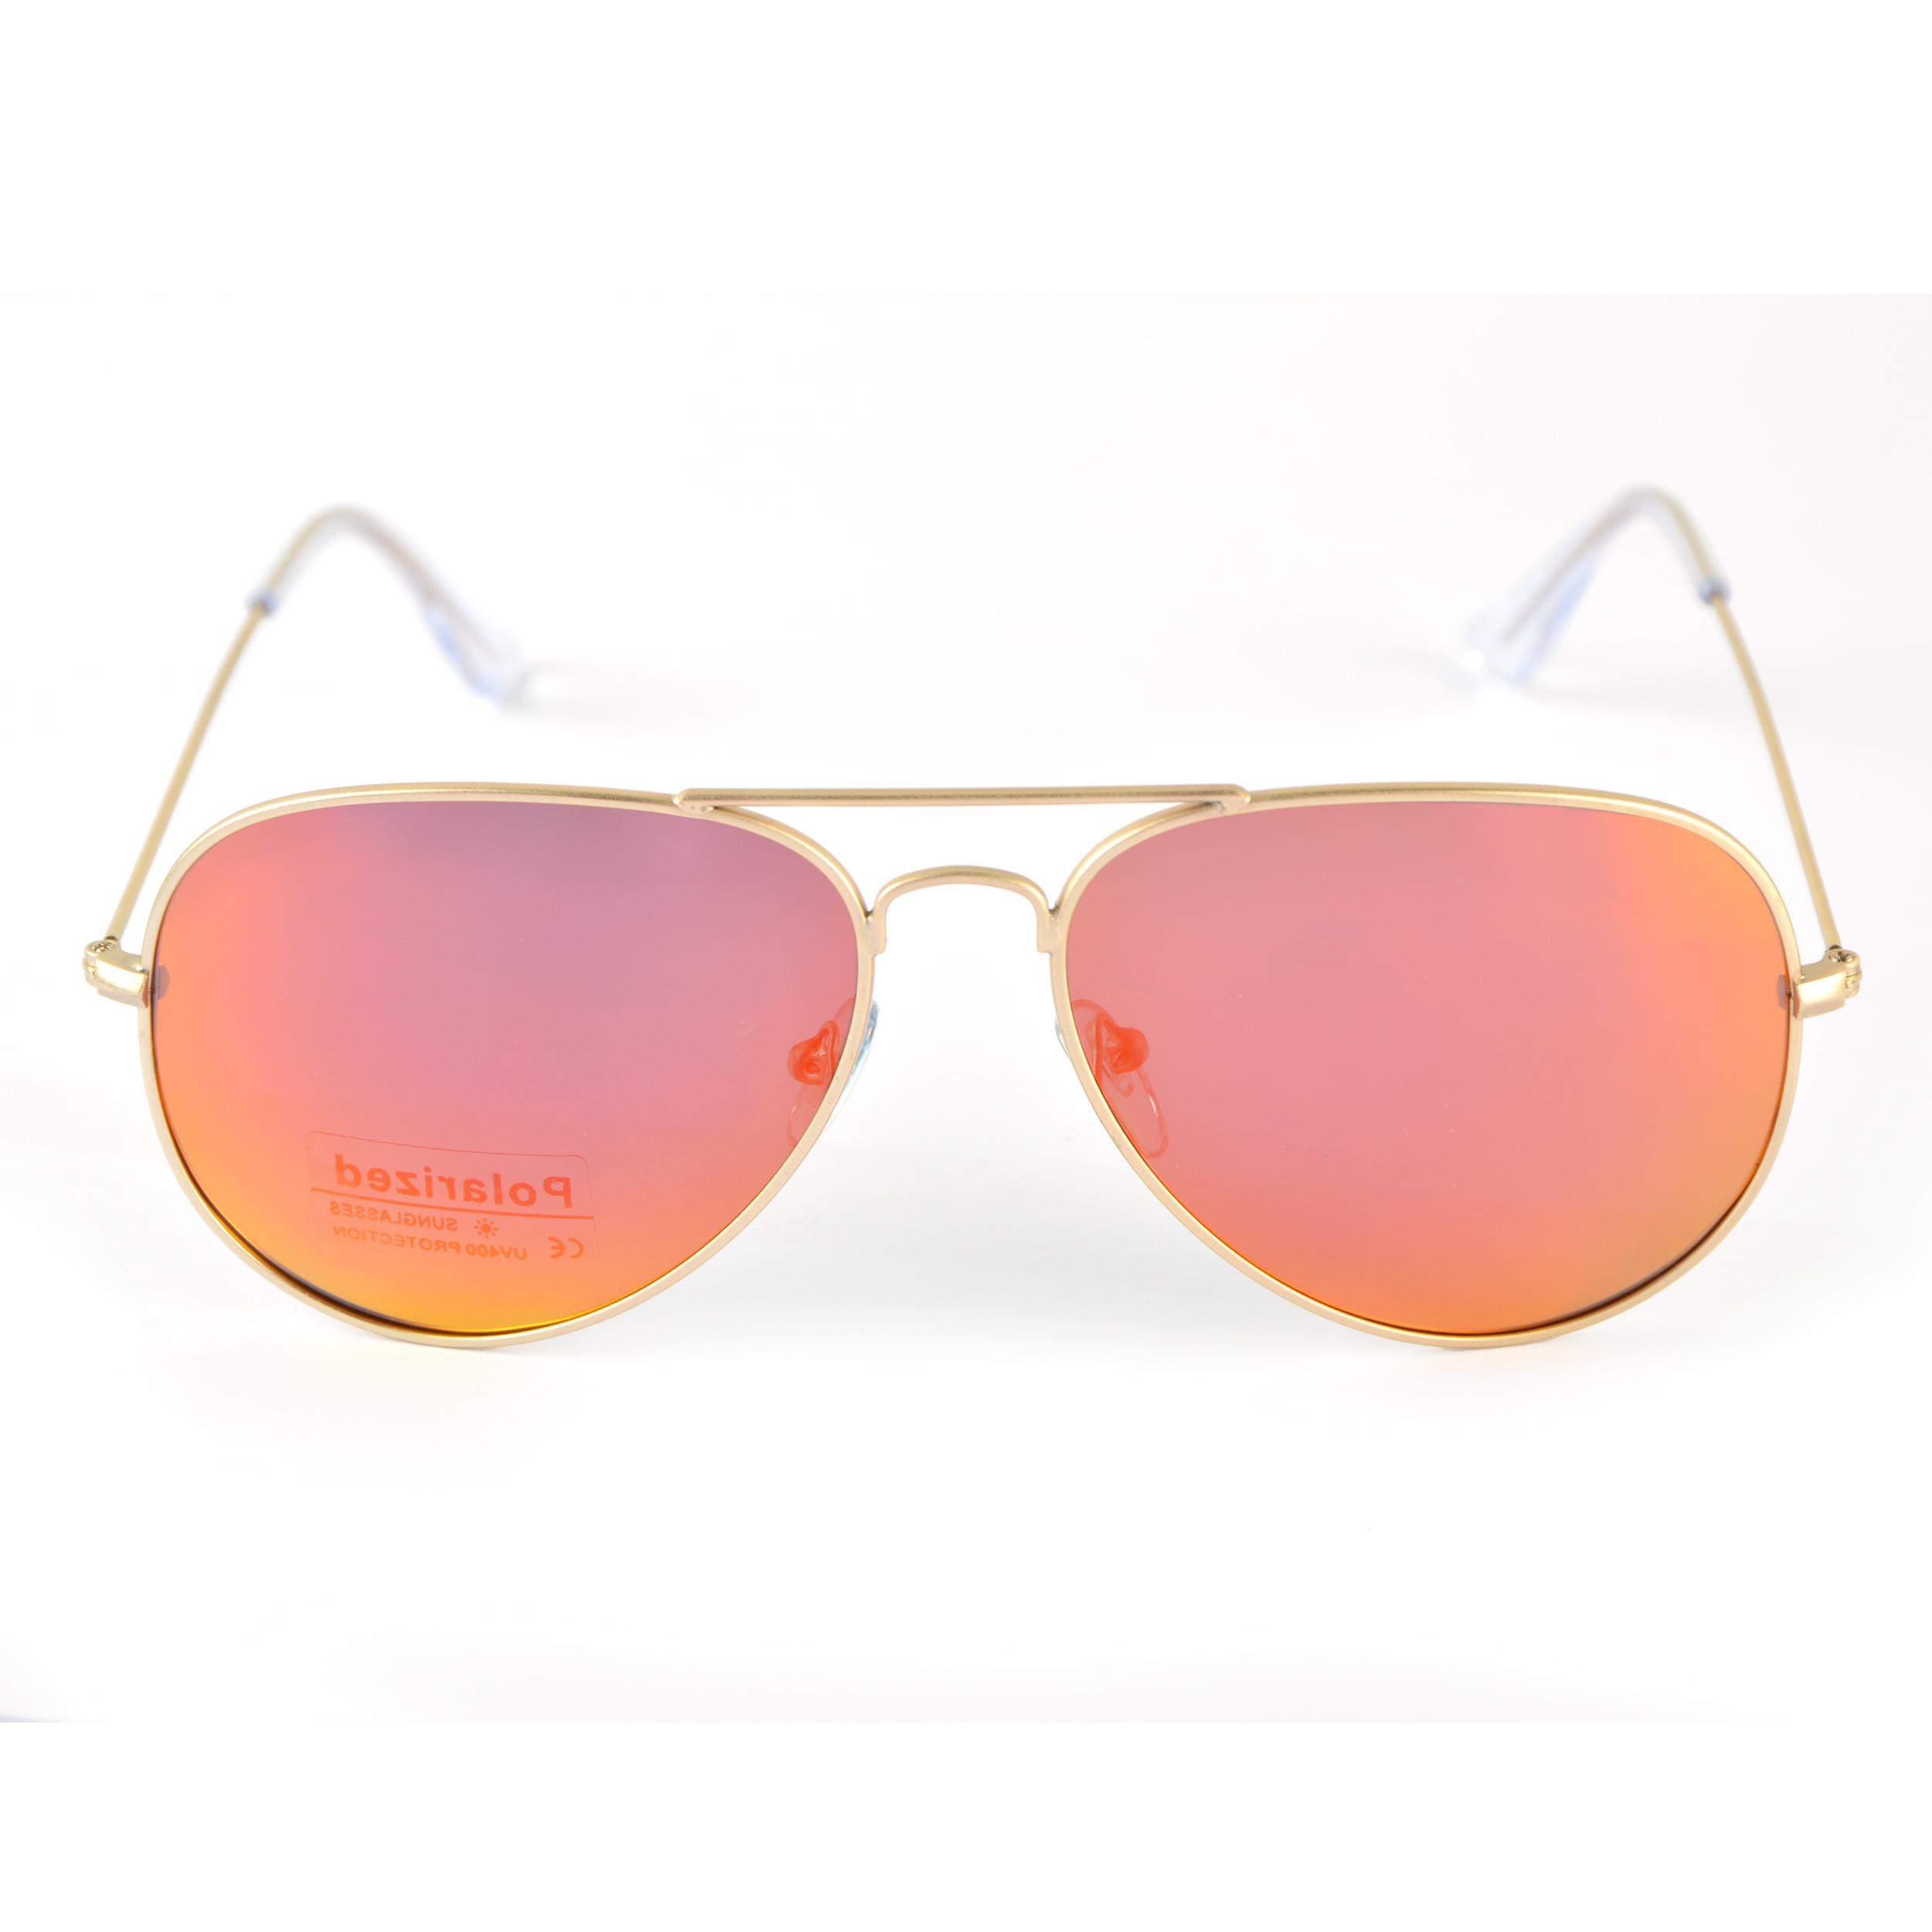 Sonnenbrille - polarisierte Pilotenbrille, Farbe: Gold - Rot